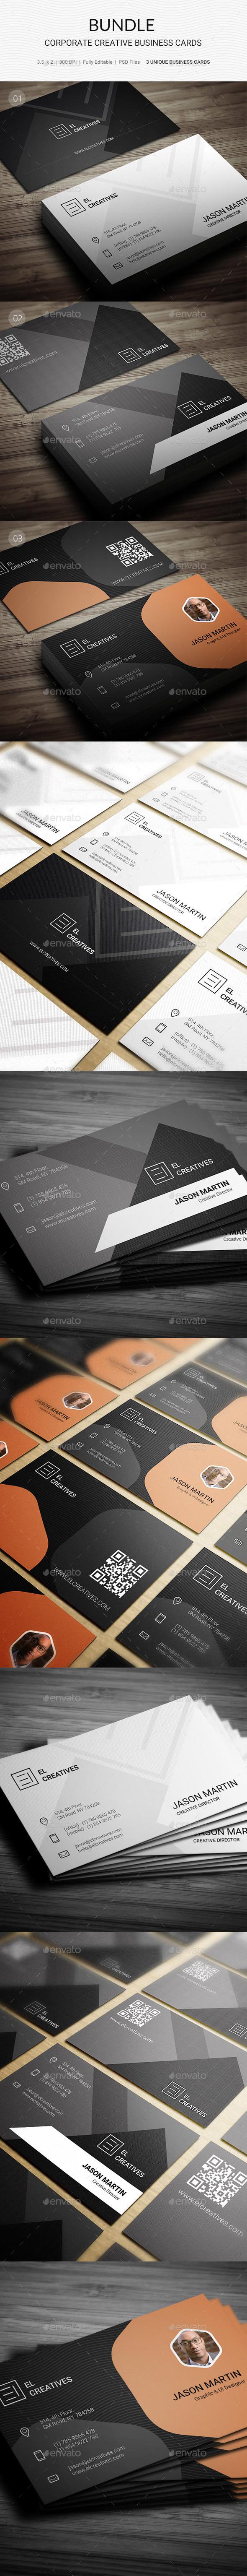 Bundle - Corporate Creative Business Cards - 166 - Creative Business Cards